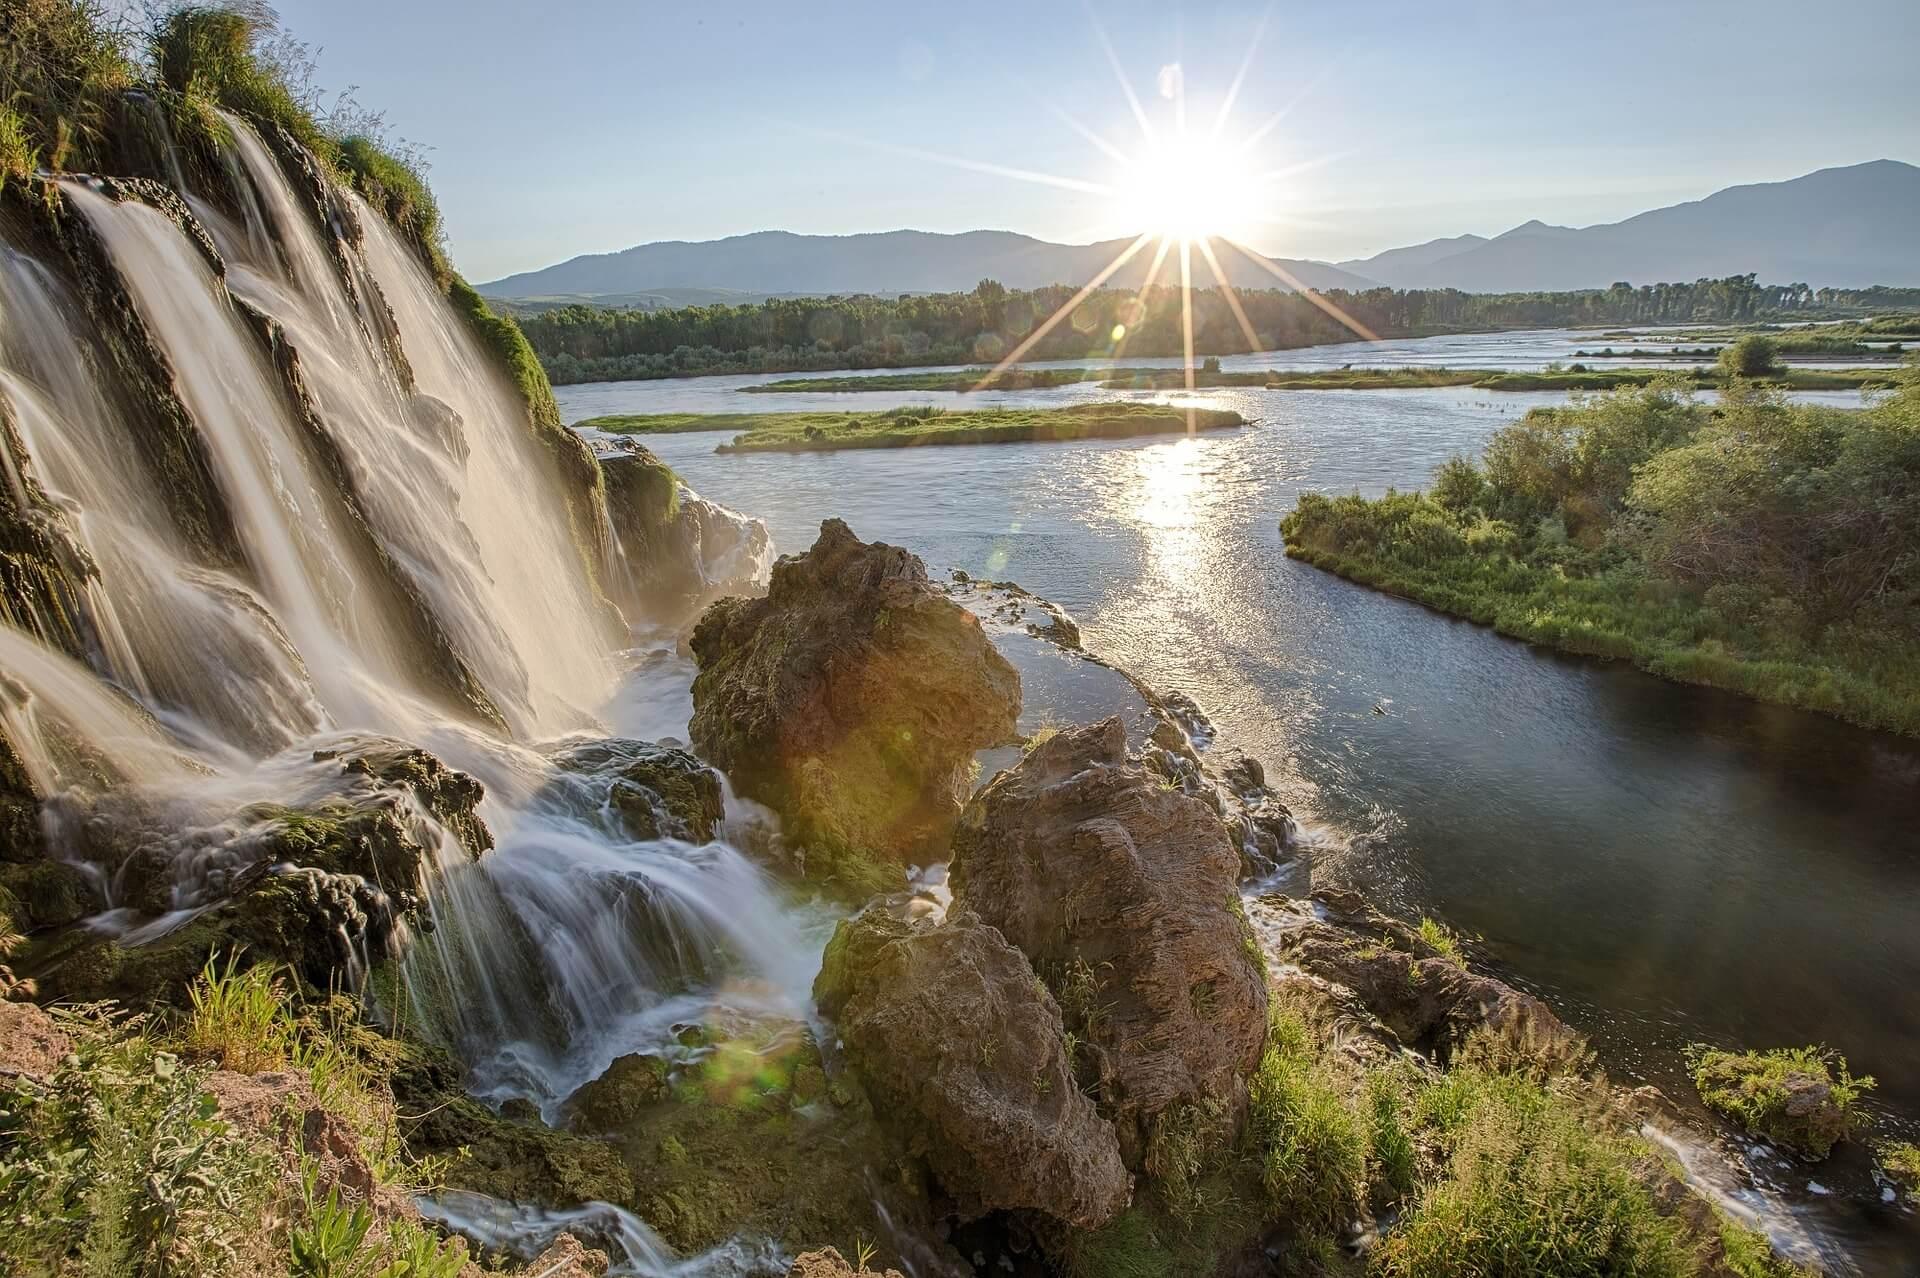 idaho falls idaho, city of idaho falls, best things to do in idaho falls, things to do in twin falls idaho, what to do in idaho, idaho falls attractions, things to do in idaho springs, idaho falls waterfall